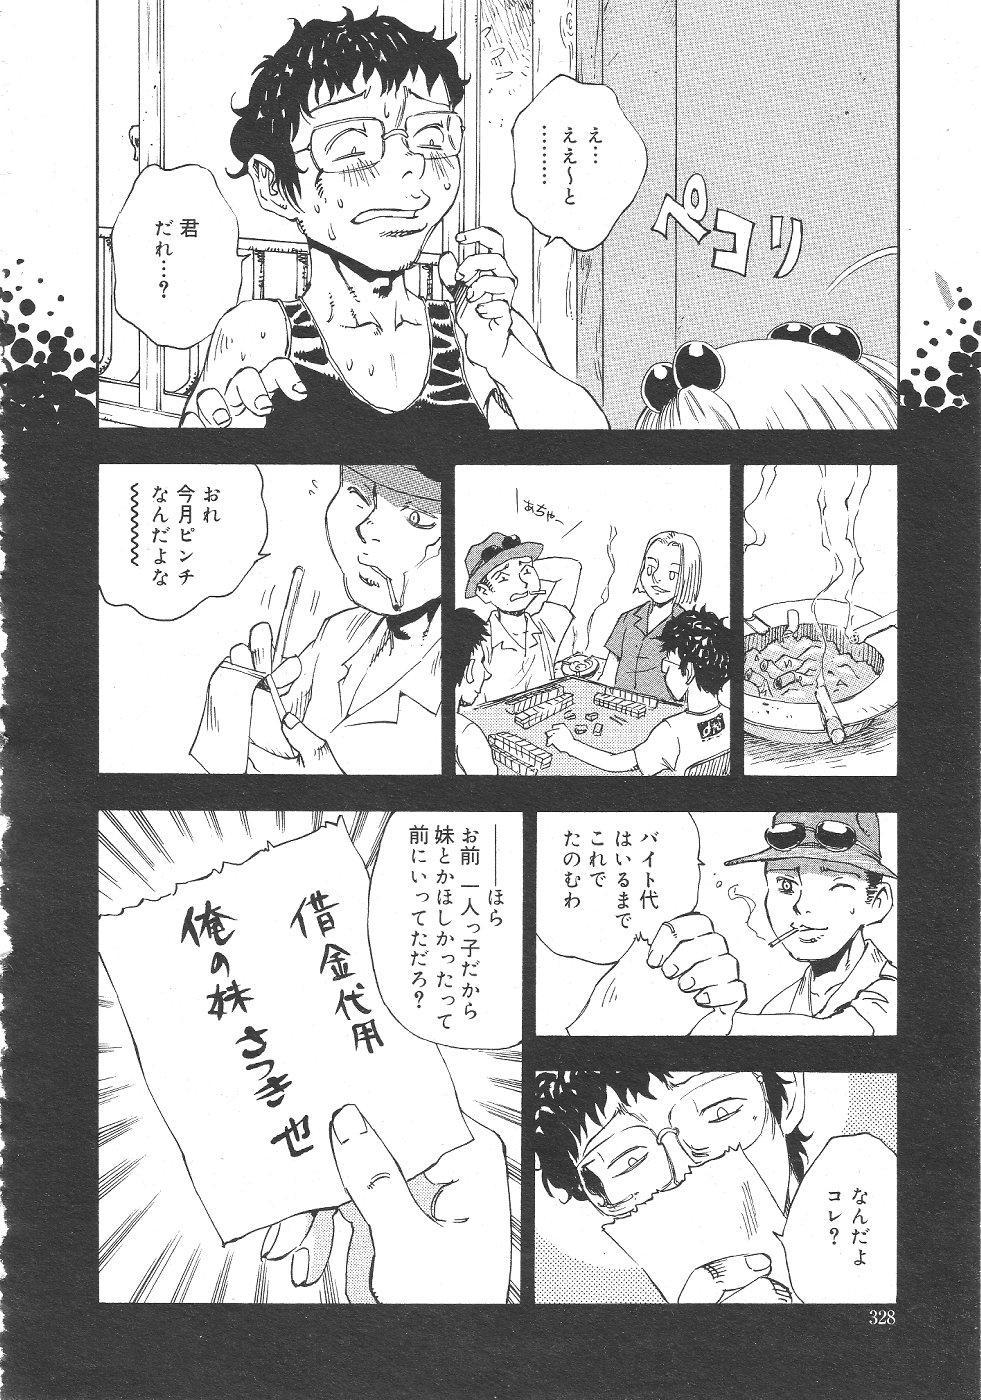 Gekkan Comic Muga 2004-06 Vol.10 331